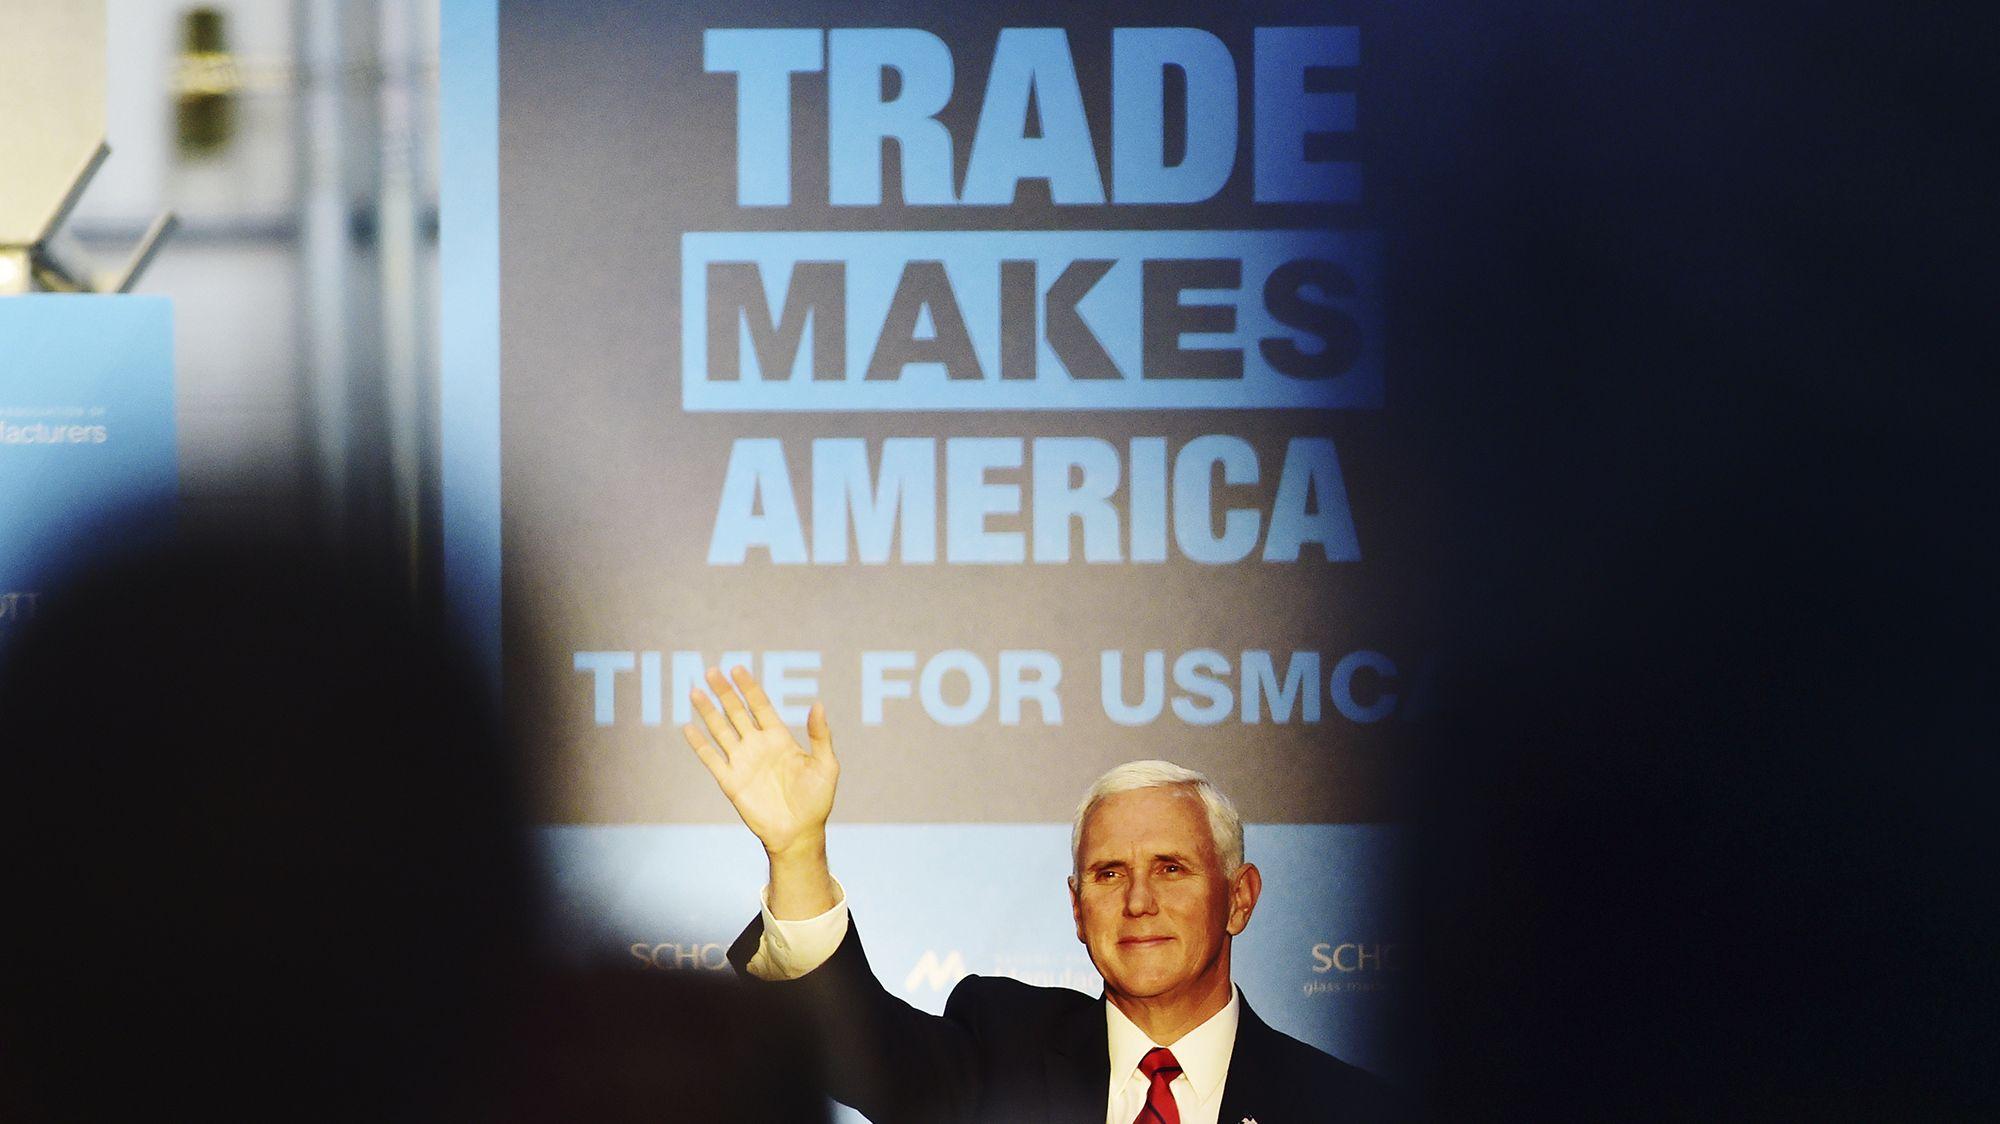 Vizepräsident Mike Pence wirbt bei einer Veranstaltung für das Freihandelsabkommen USMCA.